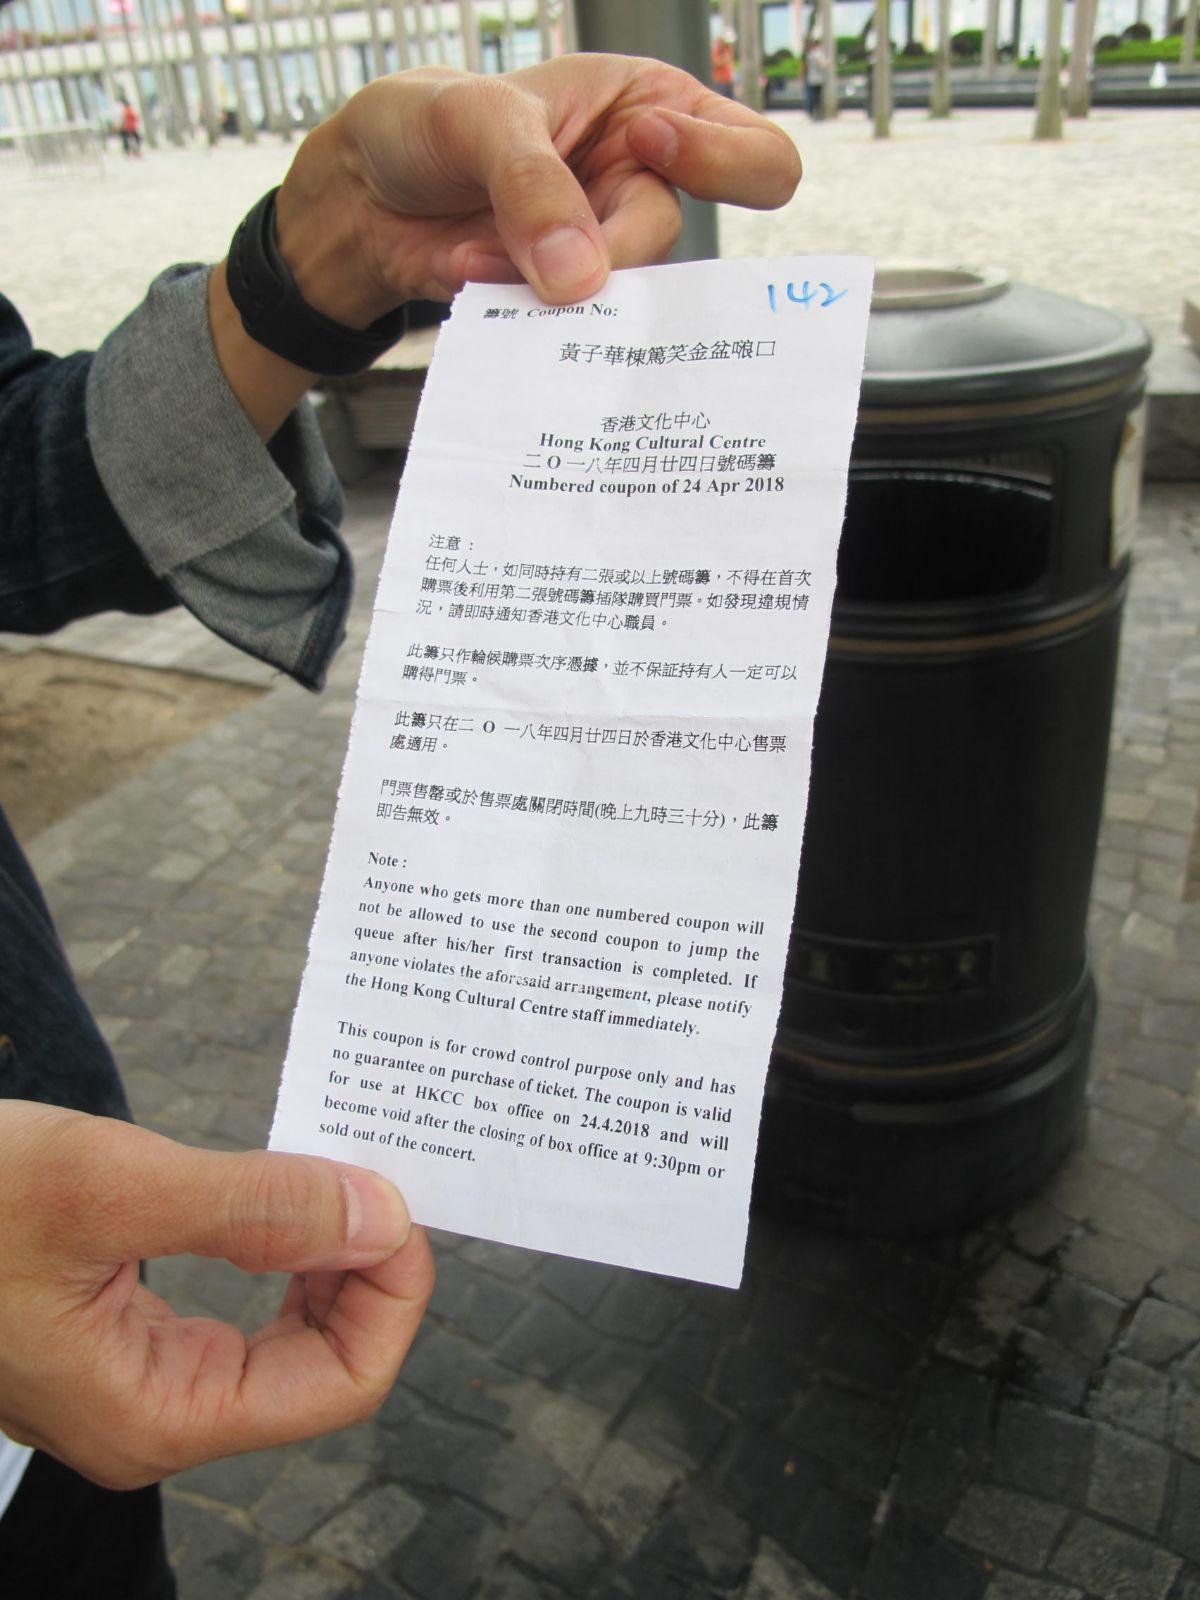 有子華迷表示,本來排80名以內,但長者黨入侵後跌至140多號。